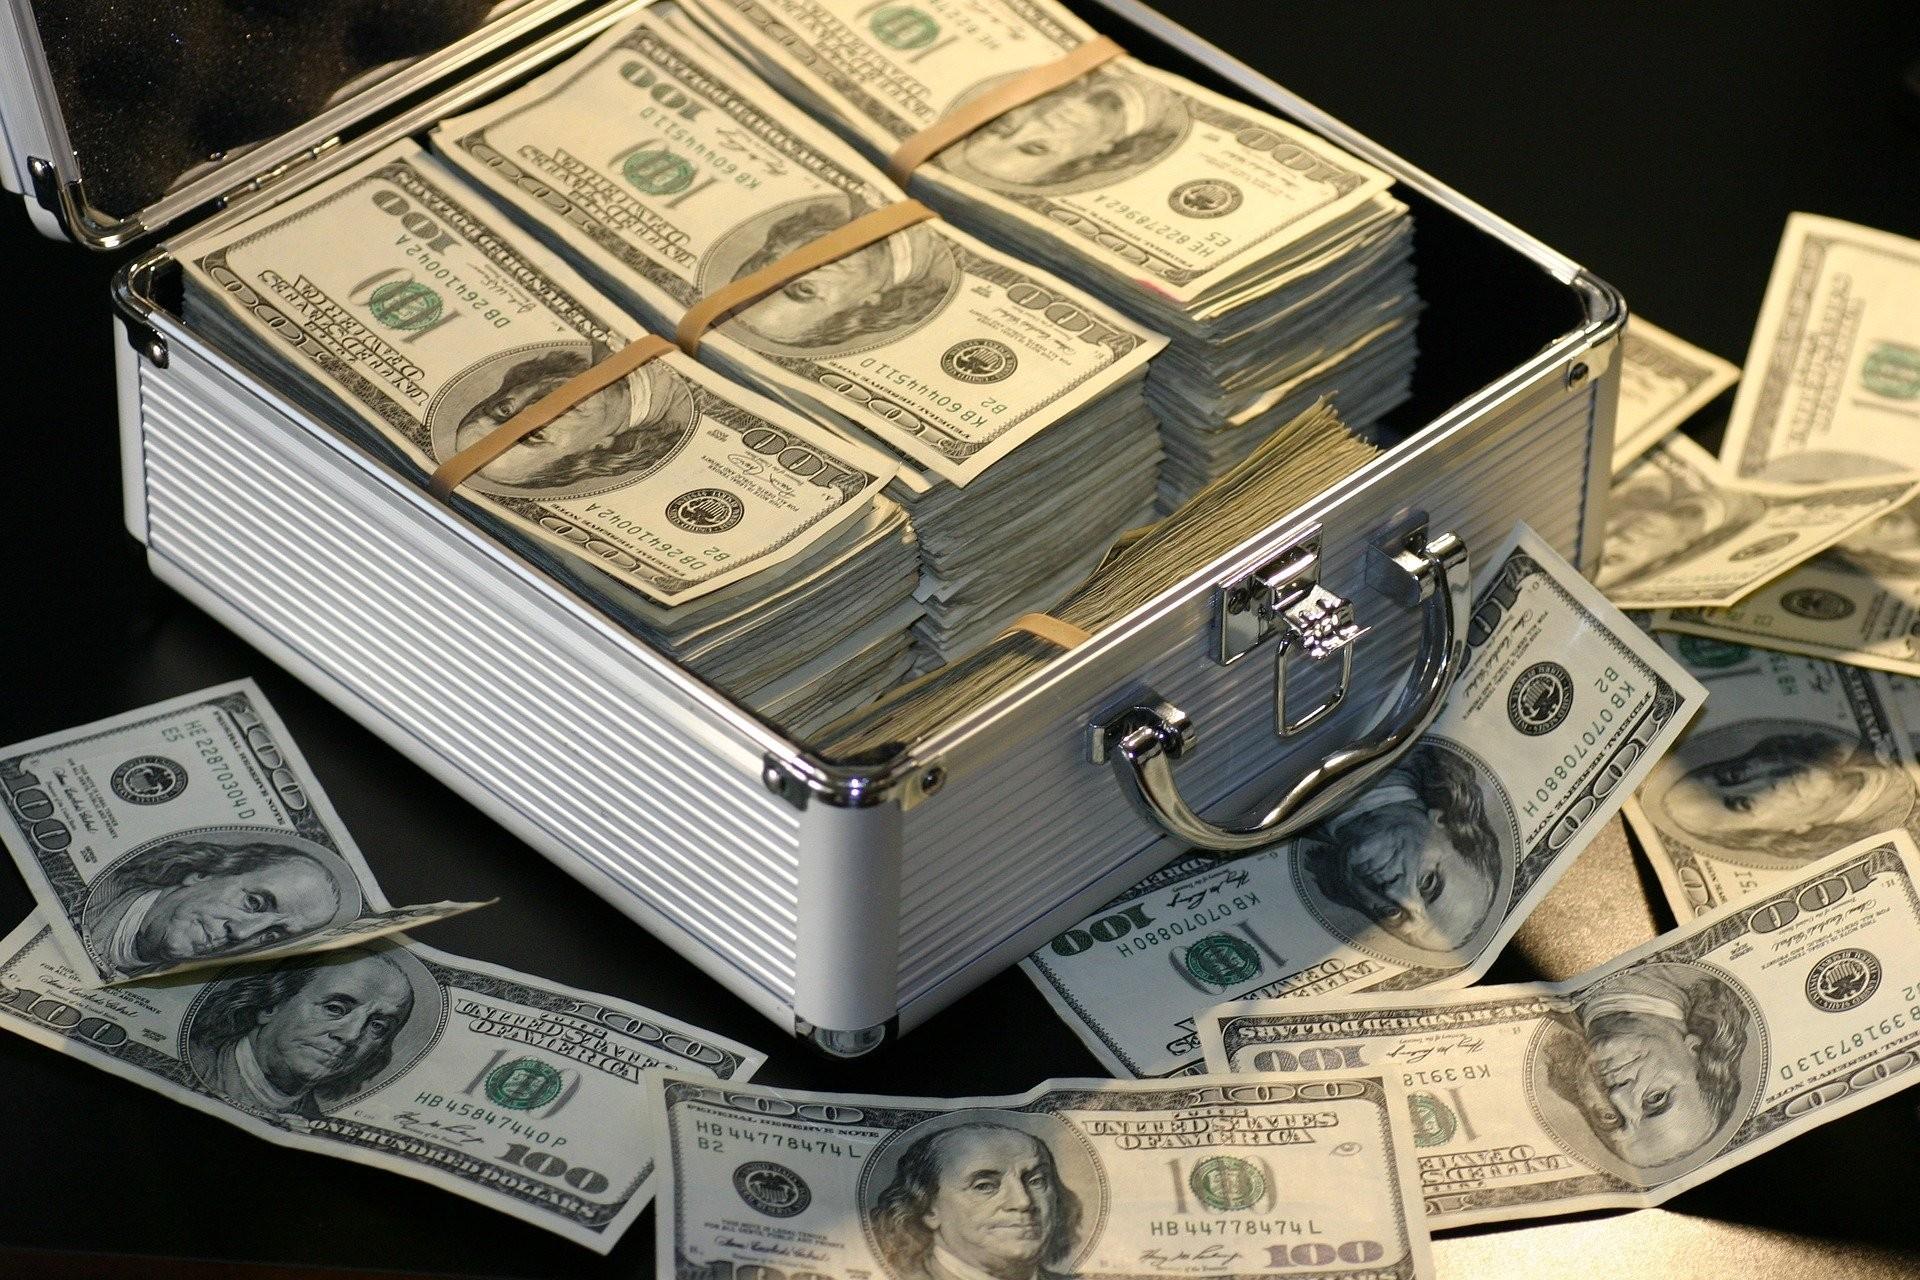 ▲金錢,鈔票,理財,投資,存錢,投資型保單,美元,美金。(圖/pixabay)